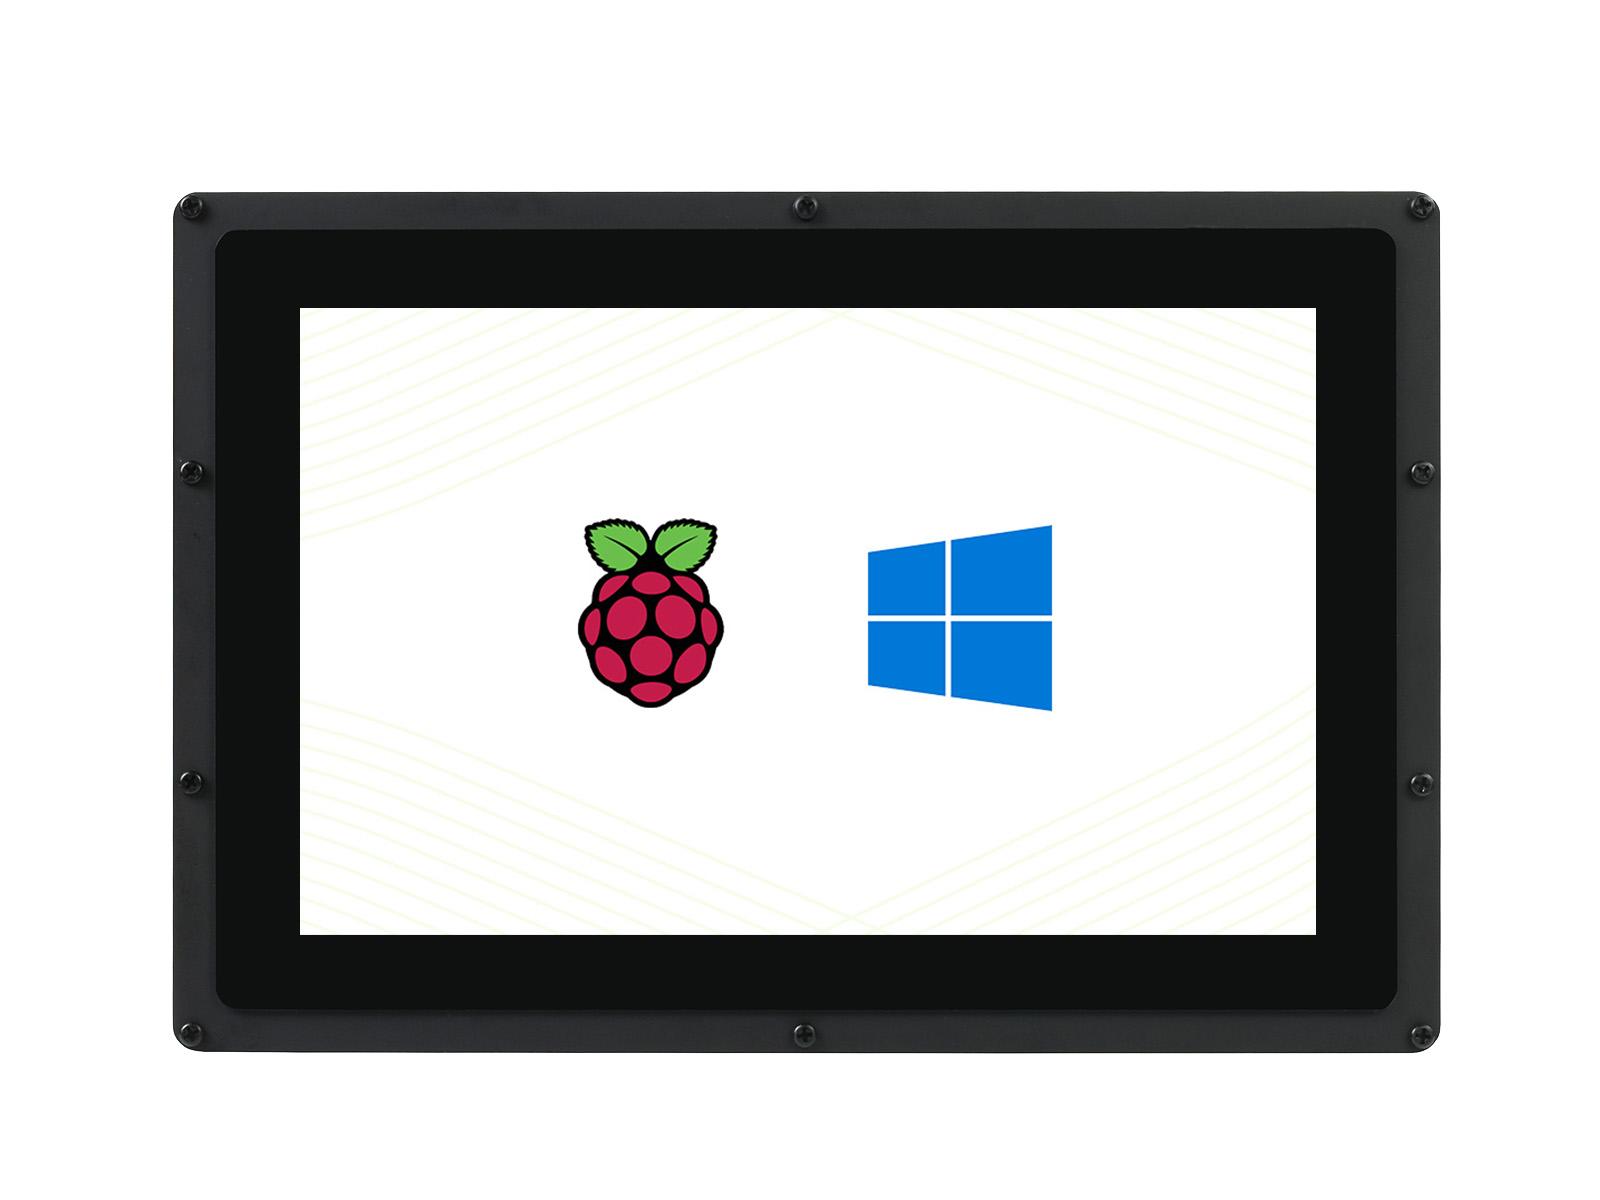 10.1寸电容屏B版 1280×800 IPS 钢化玻璃面板 低功耗版